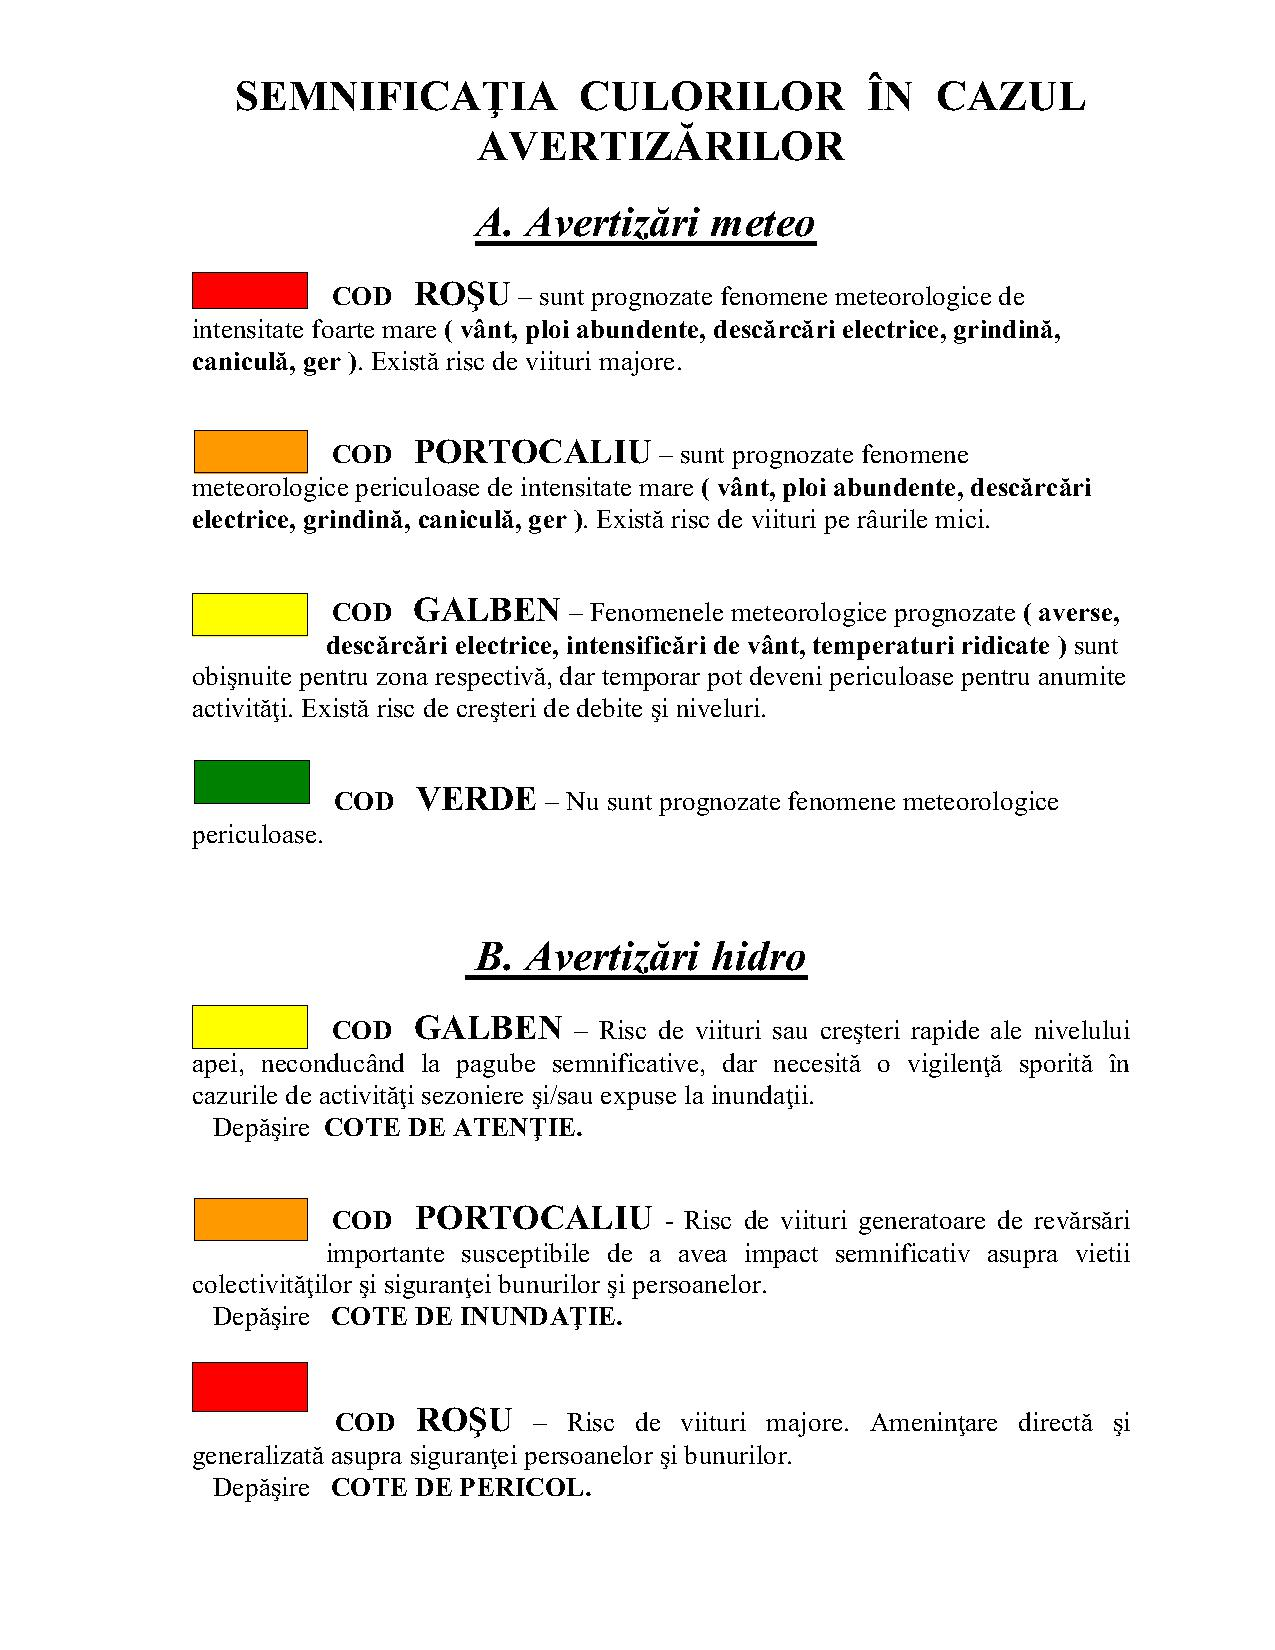 Codul culorilor_1